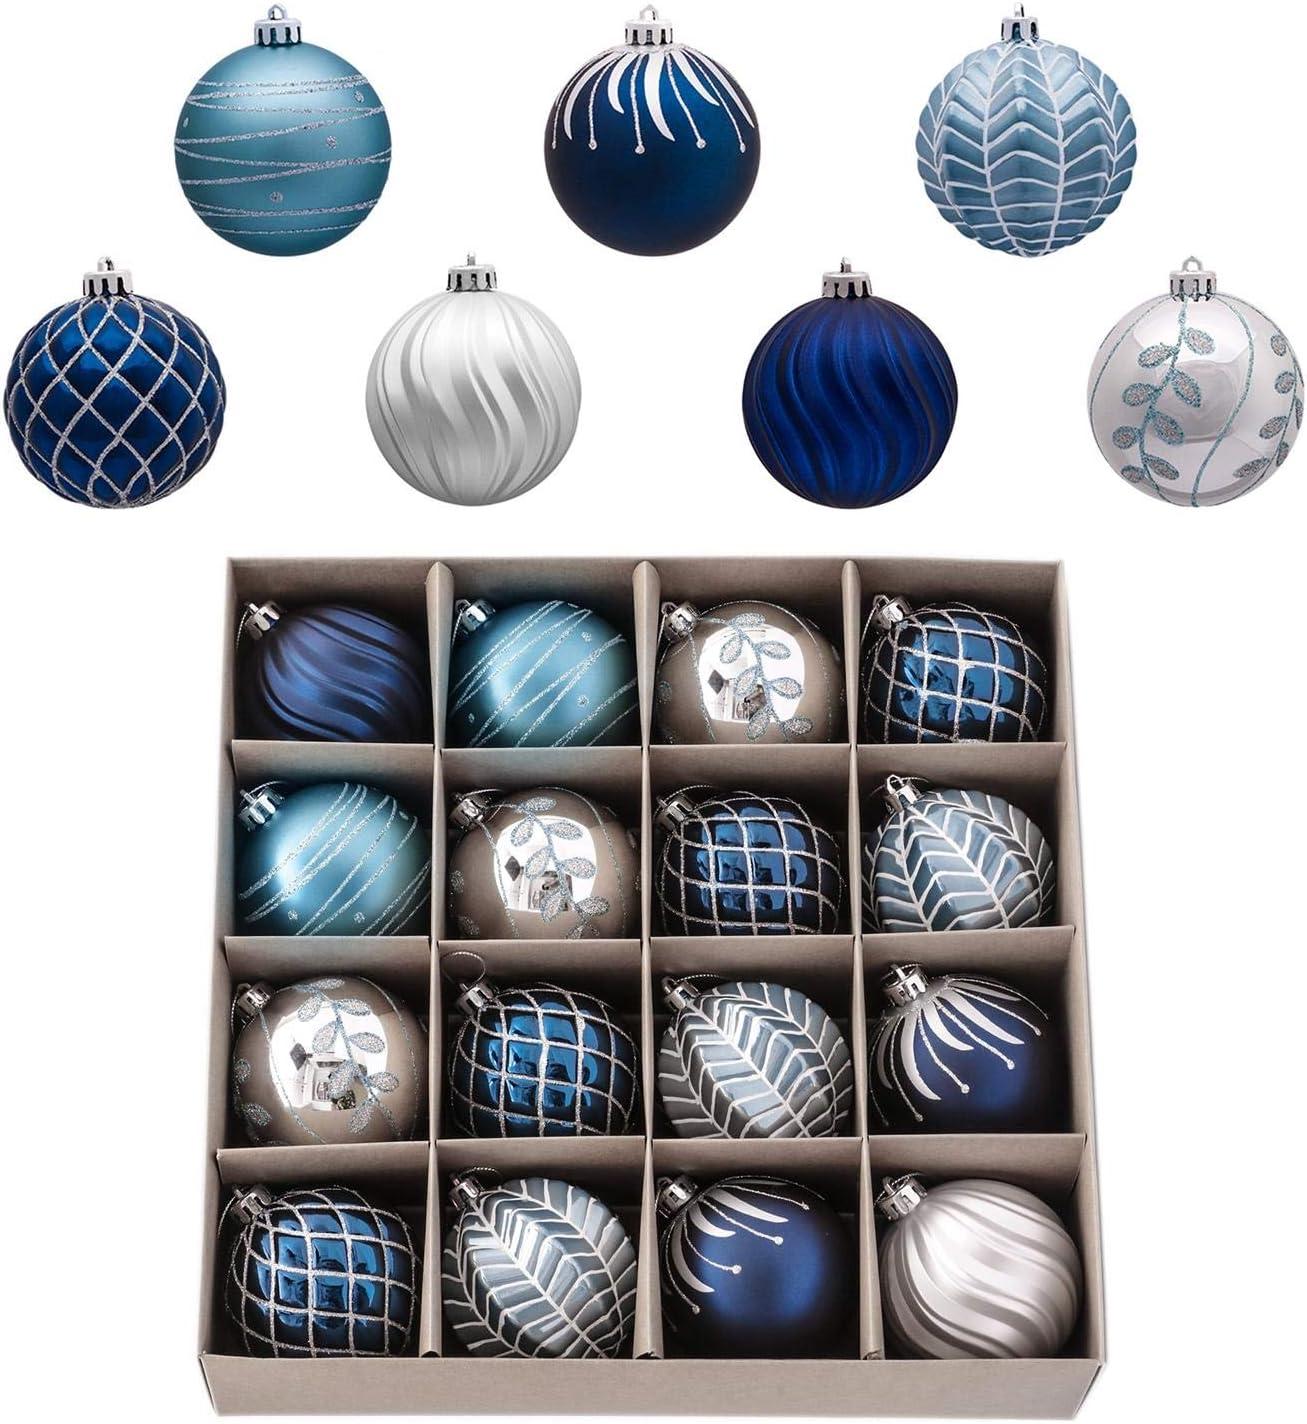 Adornos Navide/ños para Arbol Deseos de Invierno Valery Madelyn 16 Piezas Bolas de Navidad de 8cm Regalos de Colgantes de Navidad Decoraci/ón de Bolas de Navidad Inastillable Pl/ástico Azul y Plata